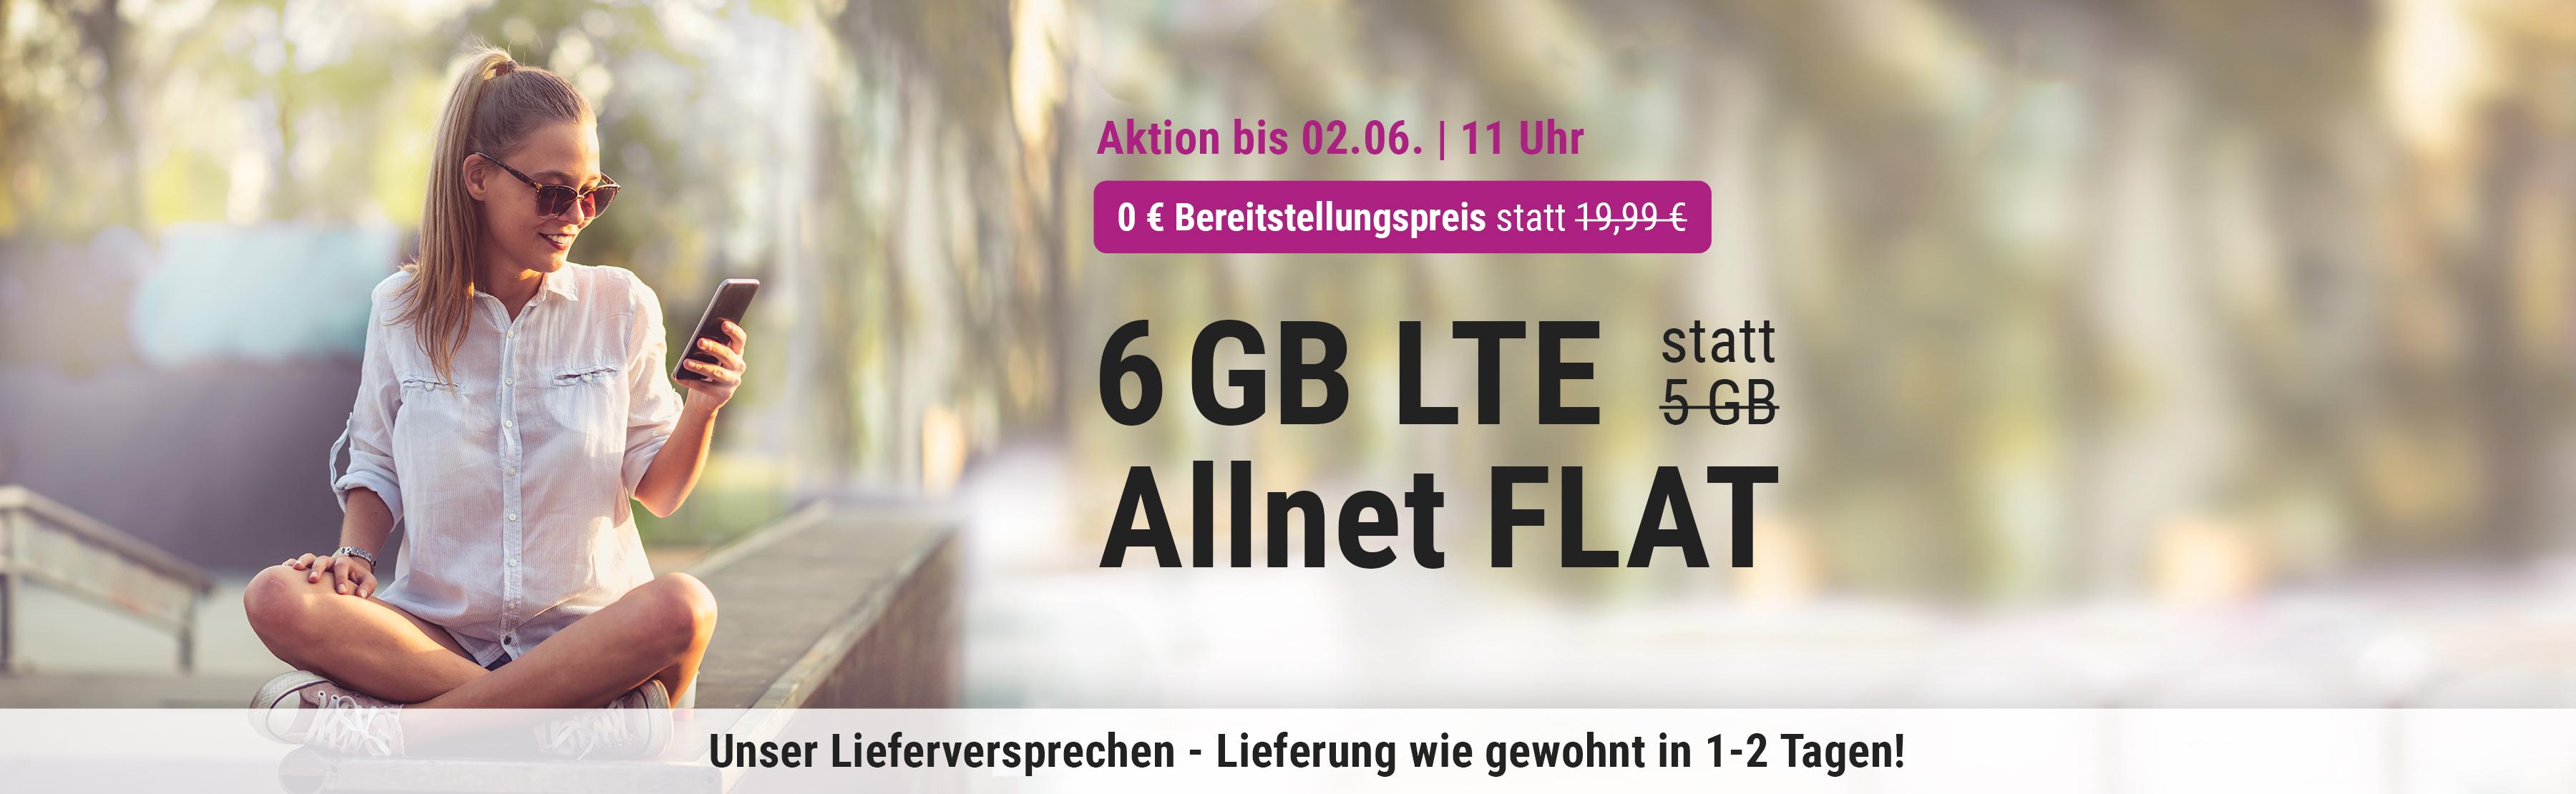 Unfassbar günstige Allnet-Flats mit LTE-Highspeed